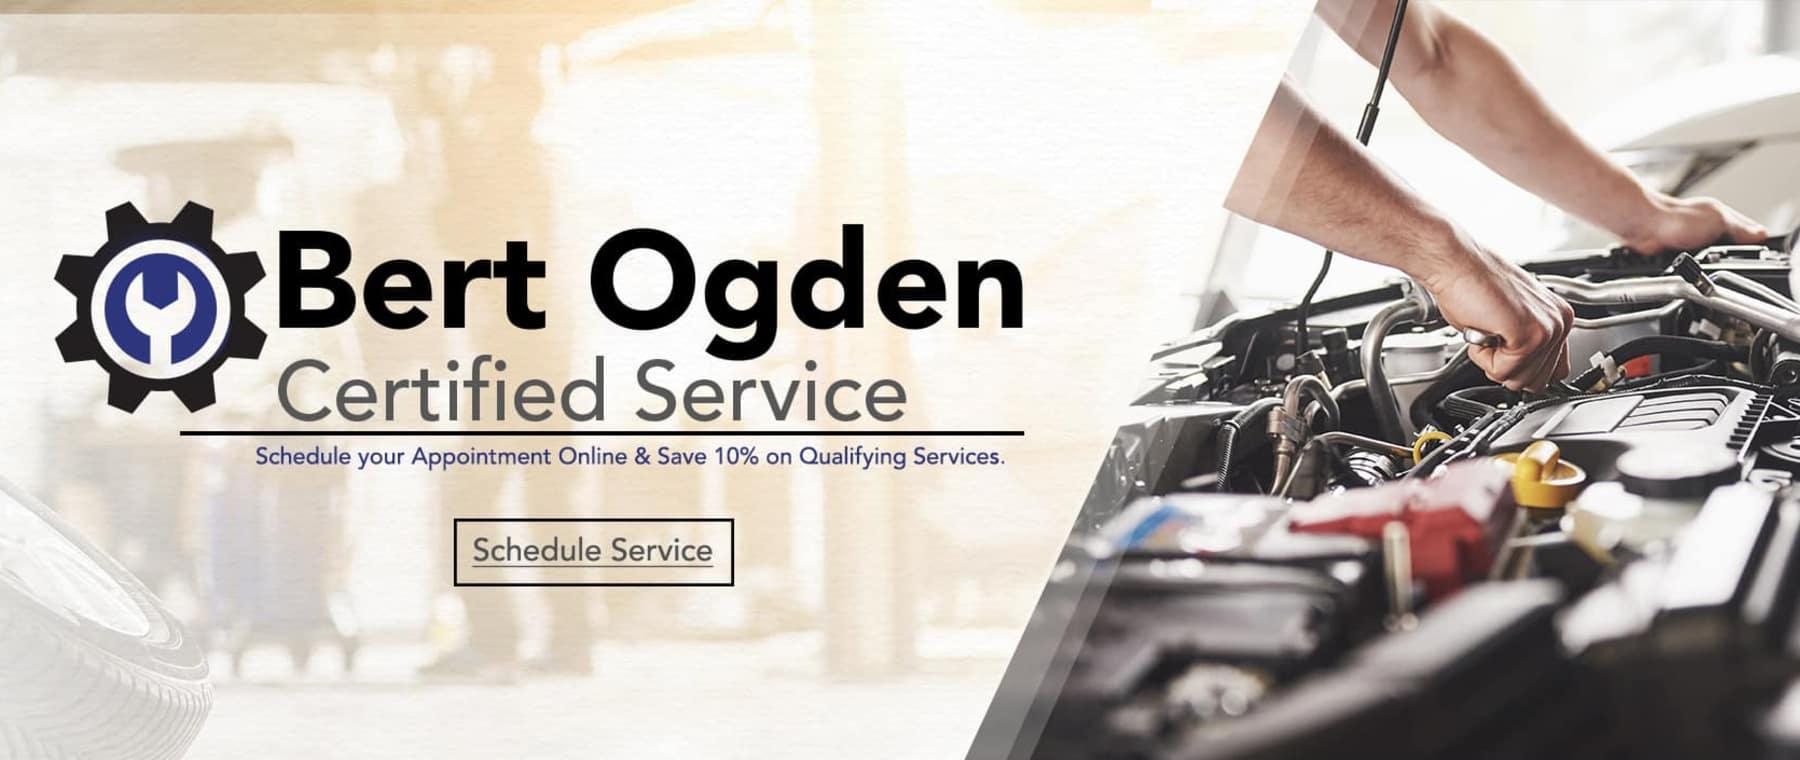 Bert Ogden Certified Service | Bert Ogden Buick GMC | Edinburg, Texas